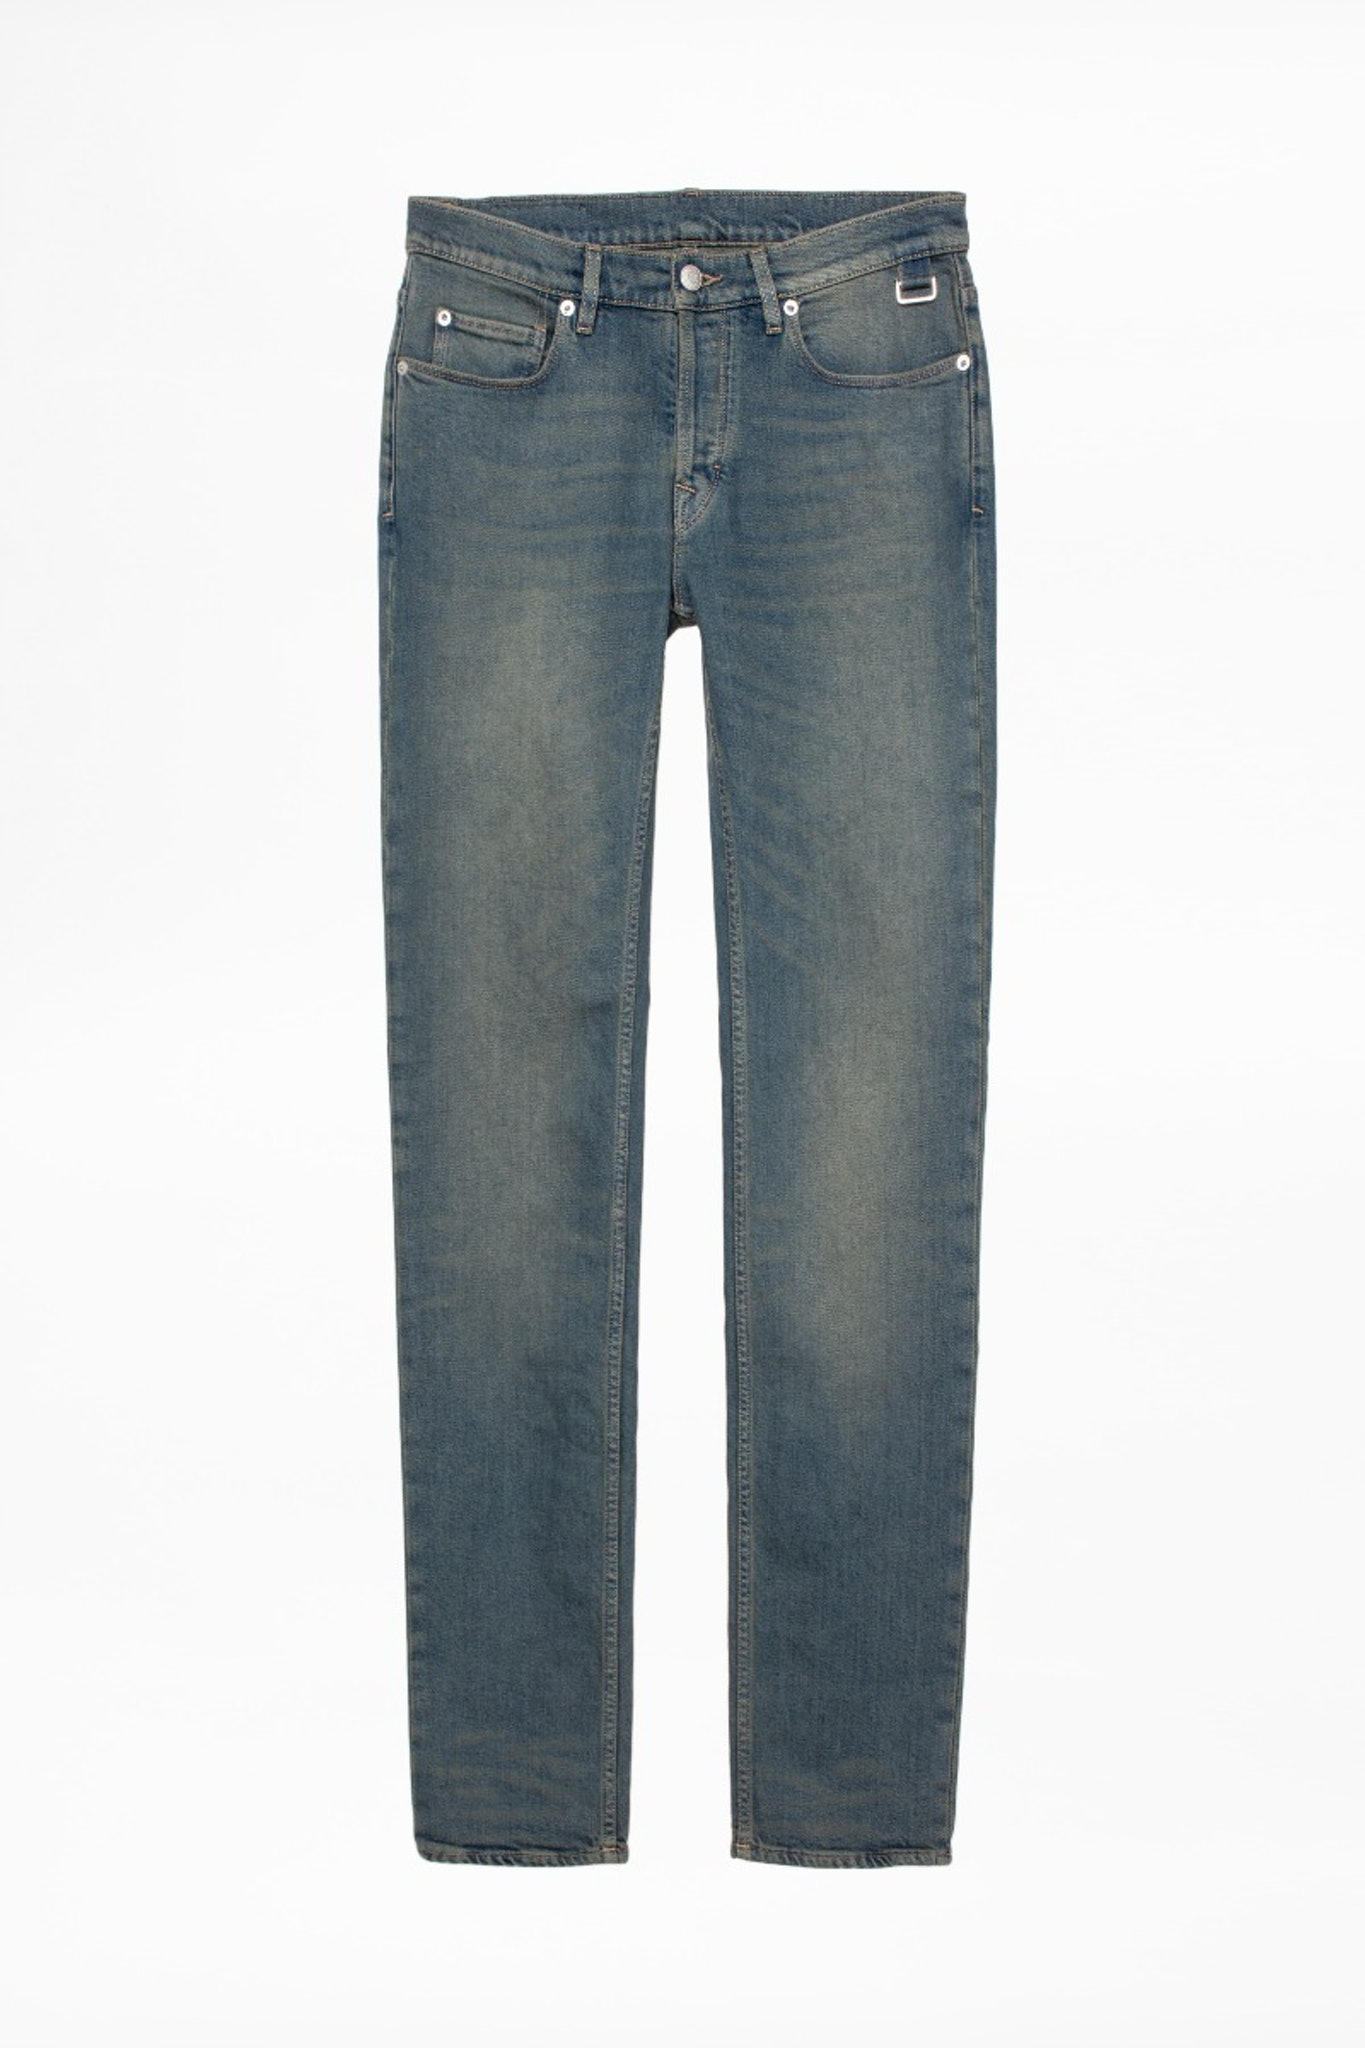 David Vintage Jeans